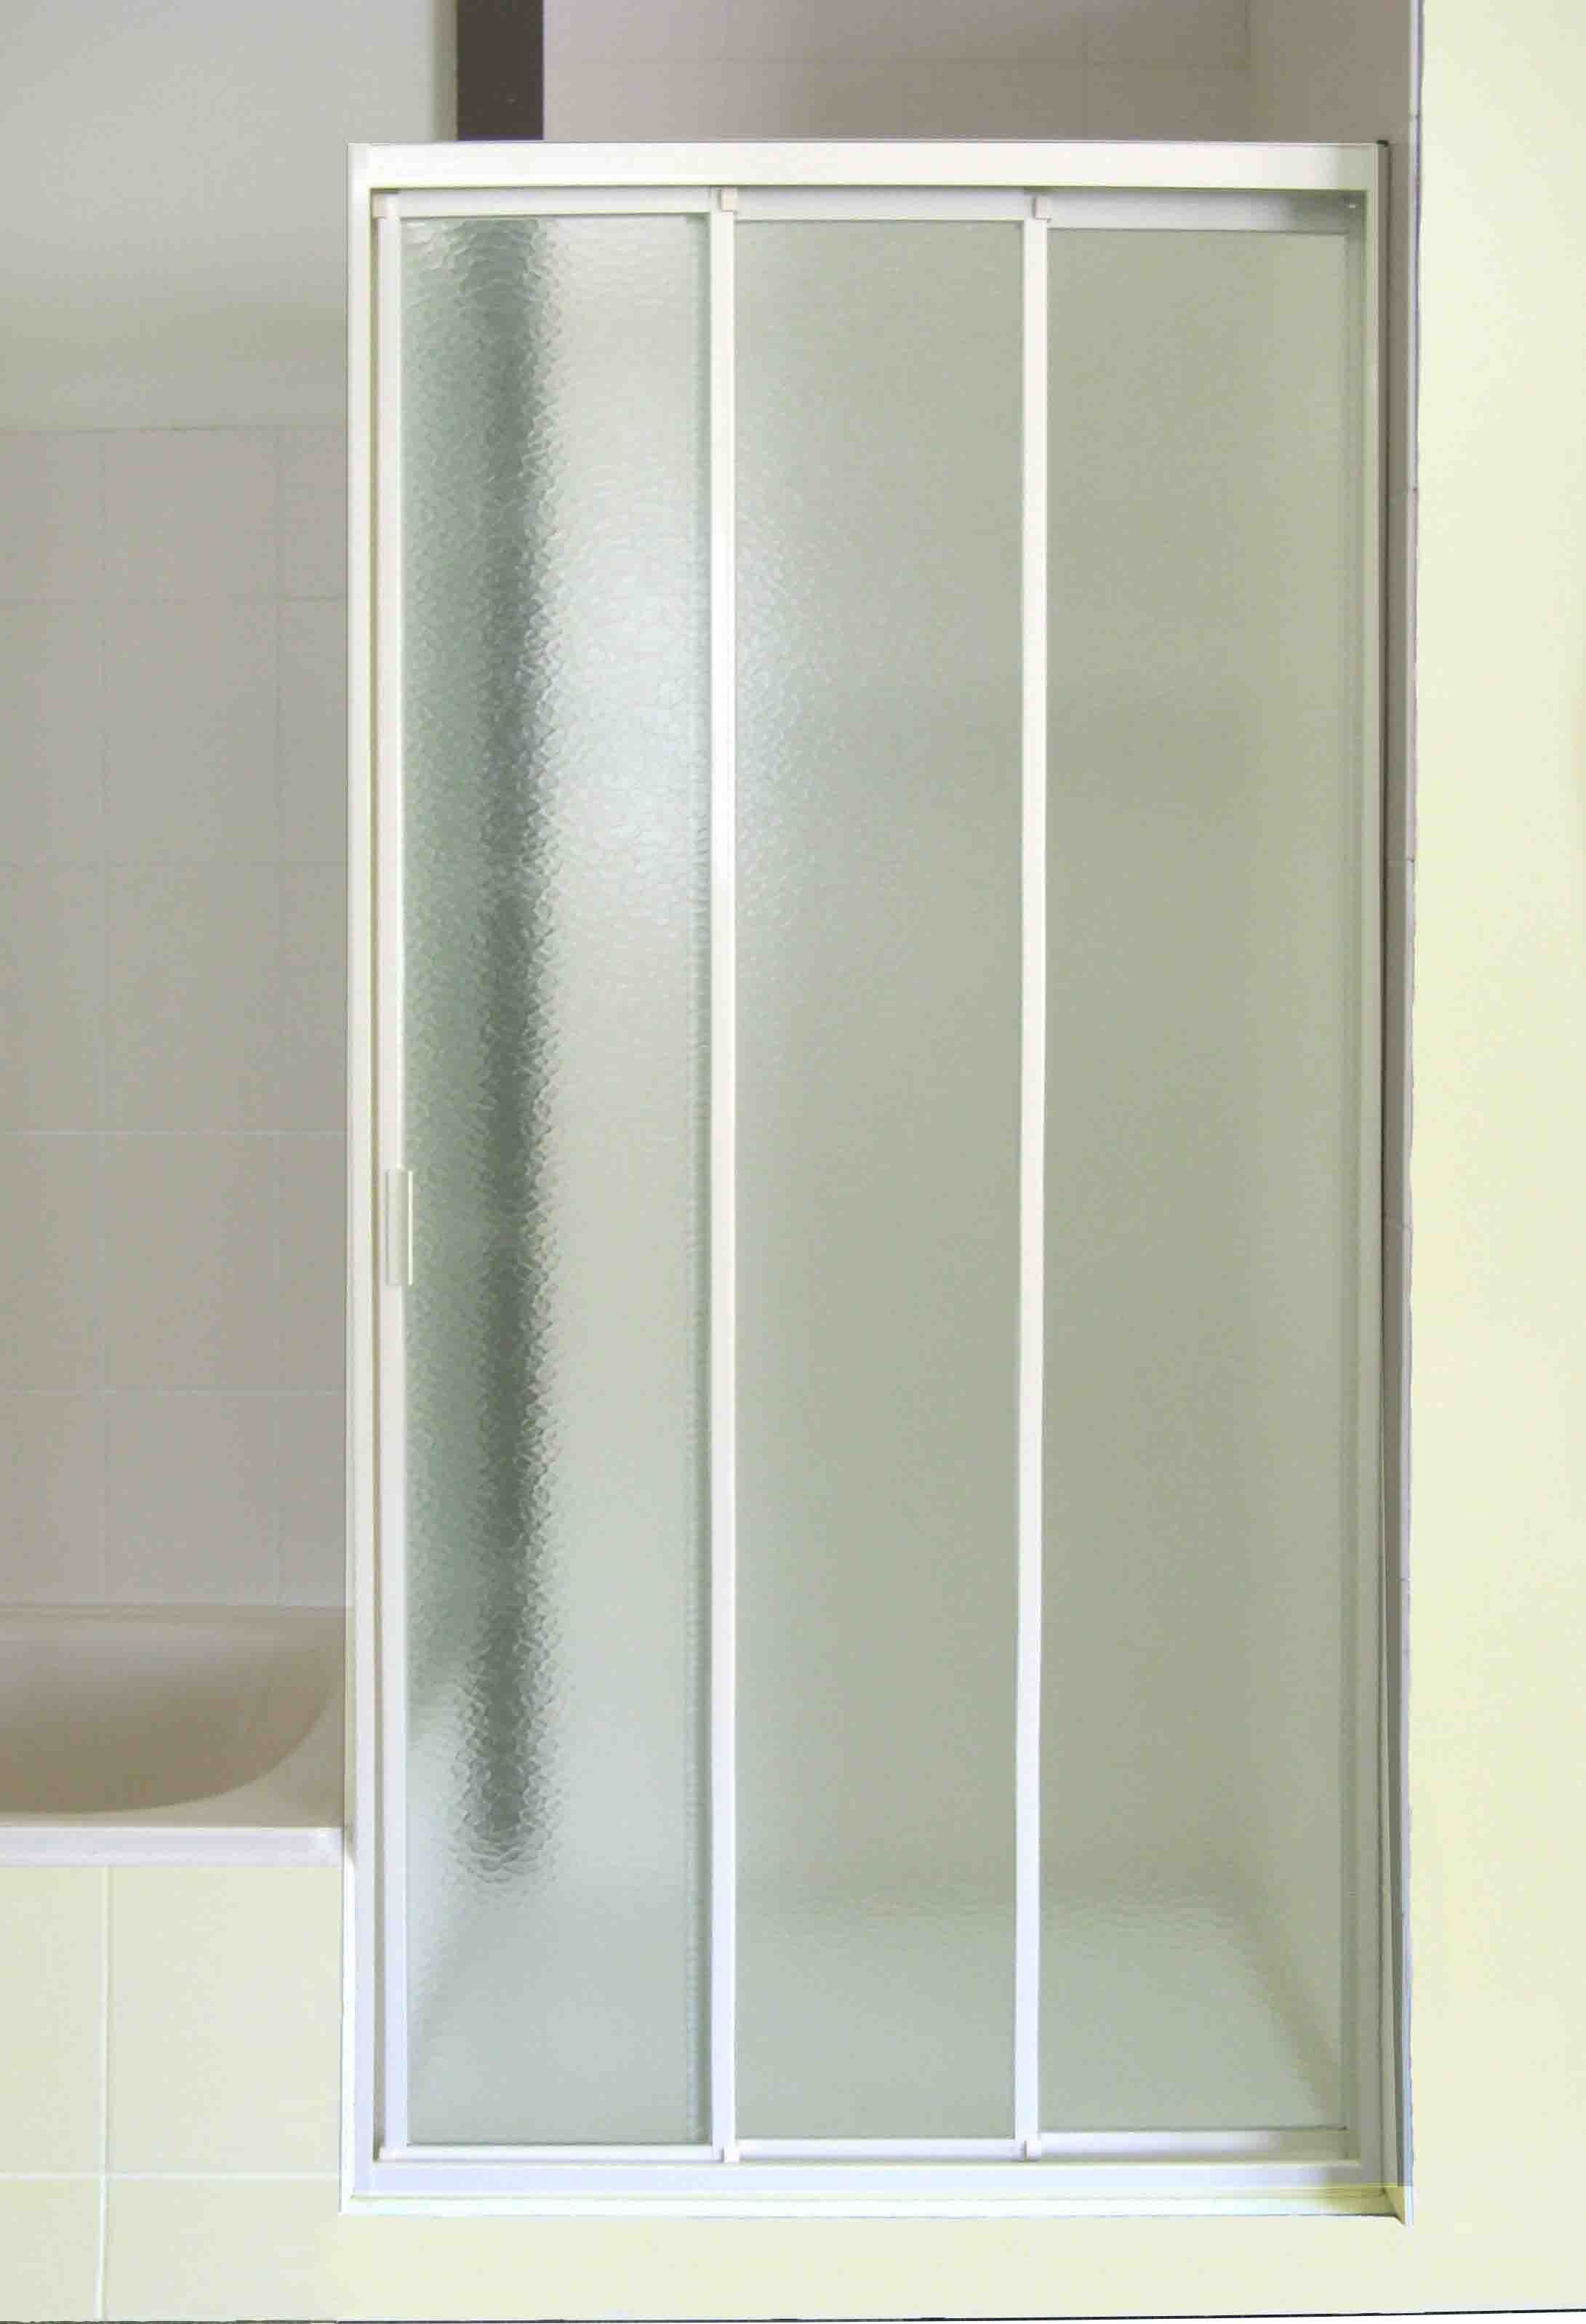 sliding shower door plastic clips